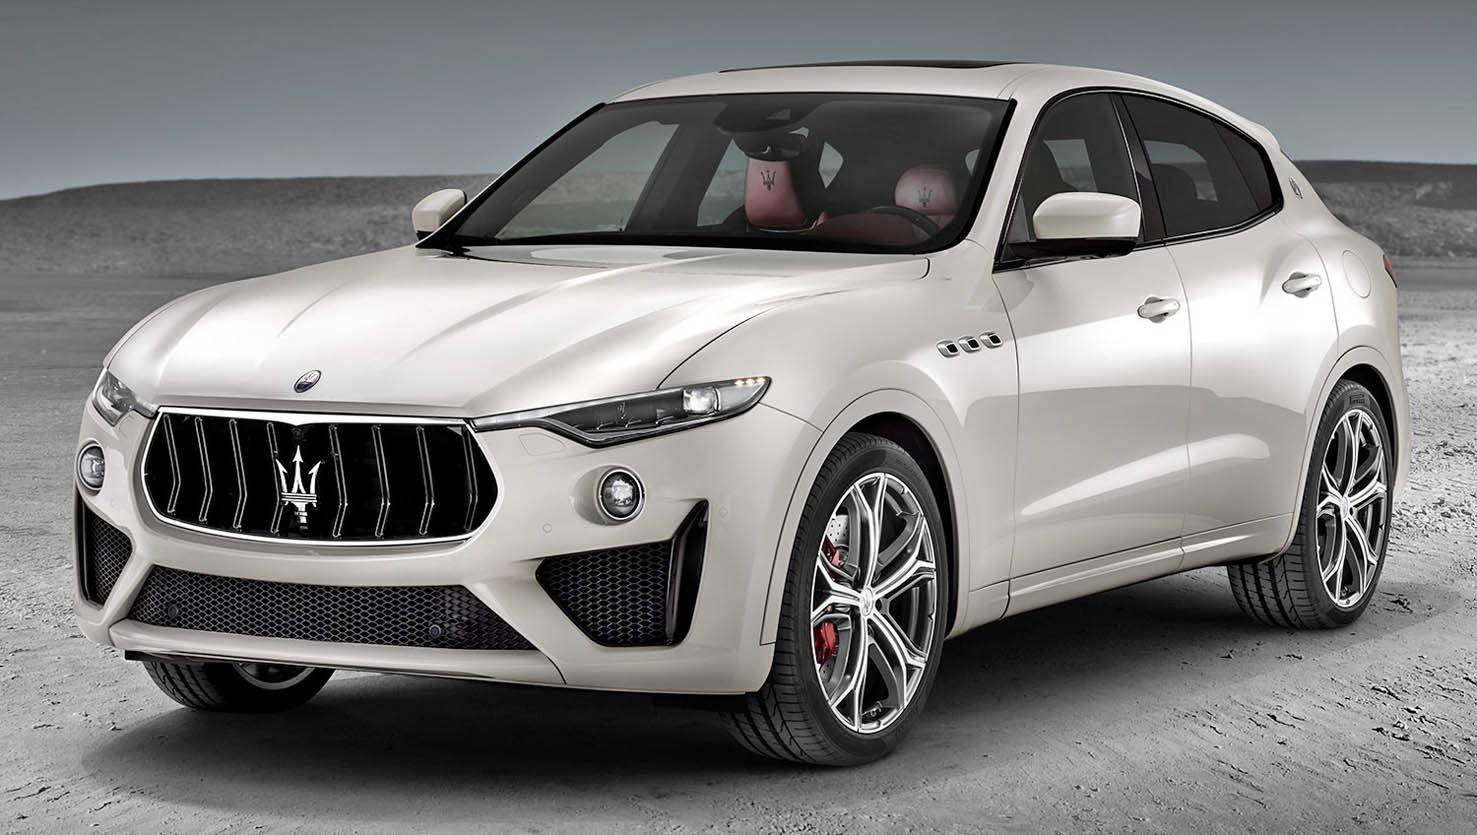 مازيراتي ليفانتي جي تي أس الجديدة كليا سوبر أس يو في أنيقة بمحرك متطور من فيراري موقع ويلز Maserati Luxury Suv Car